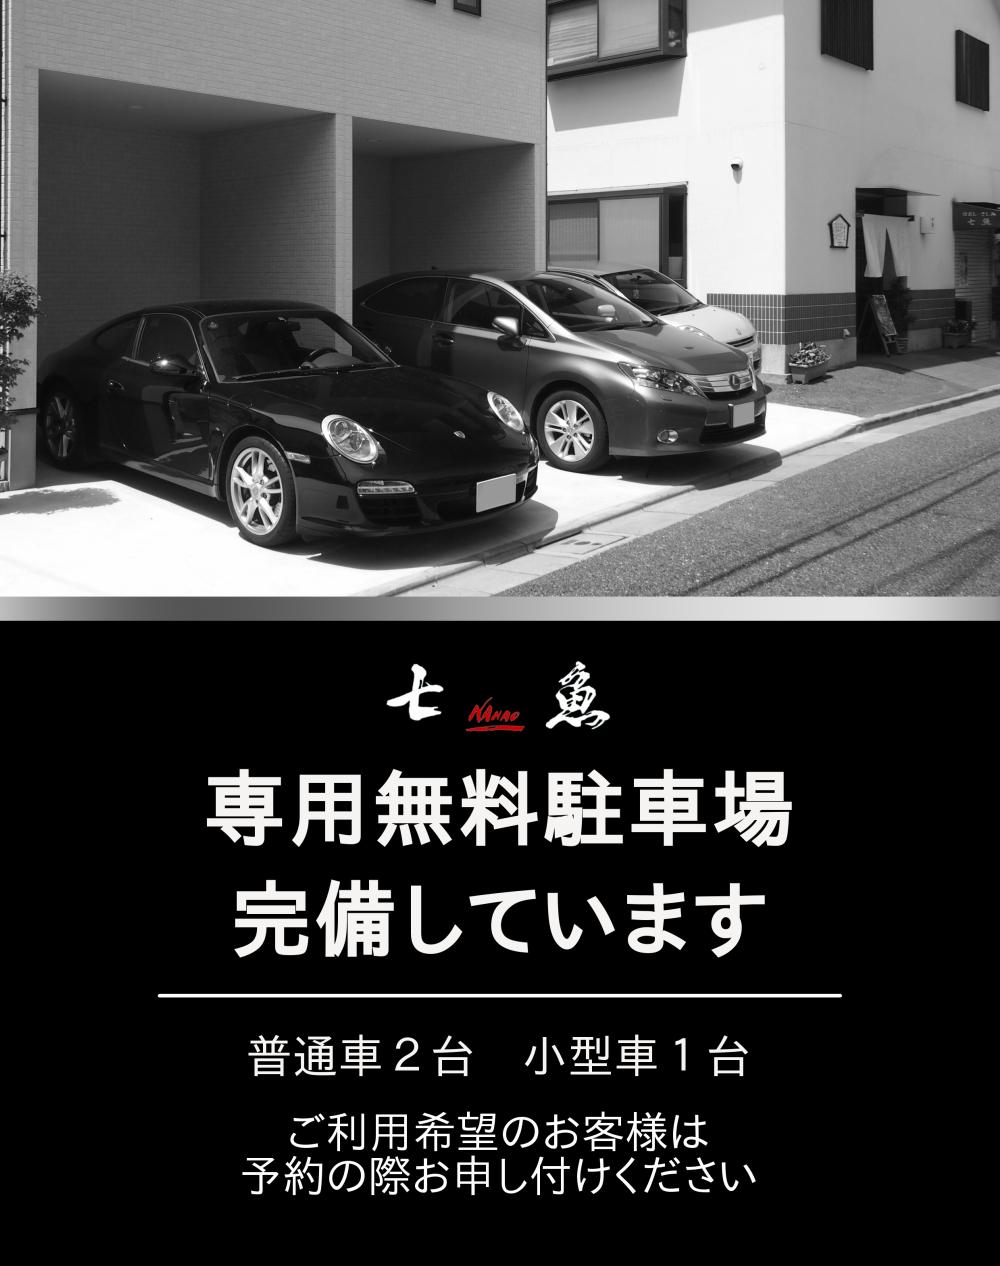 七魚の店でお斎【法事の食事会】